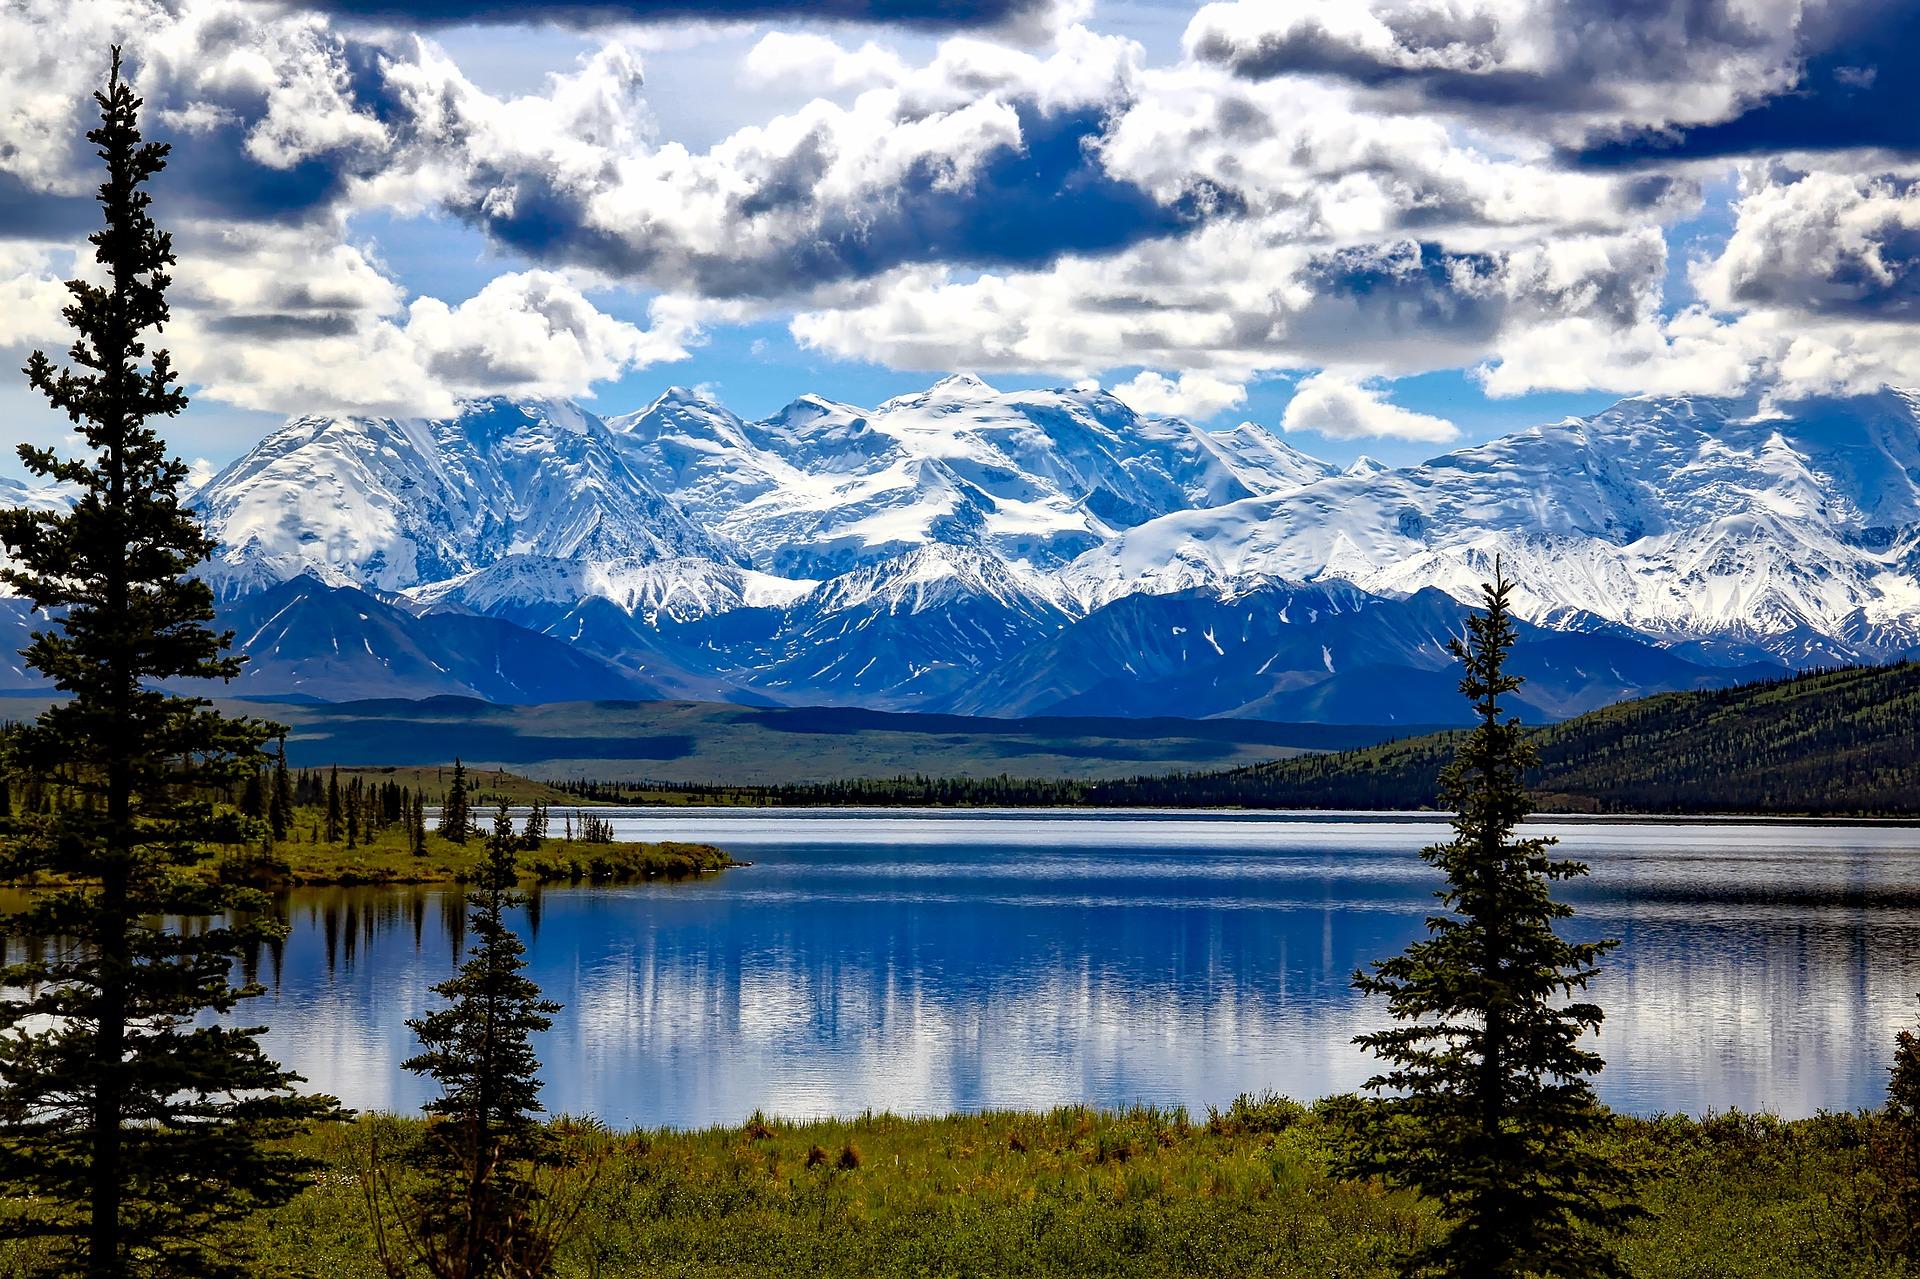 アラスカ州オプショナルツアー